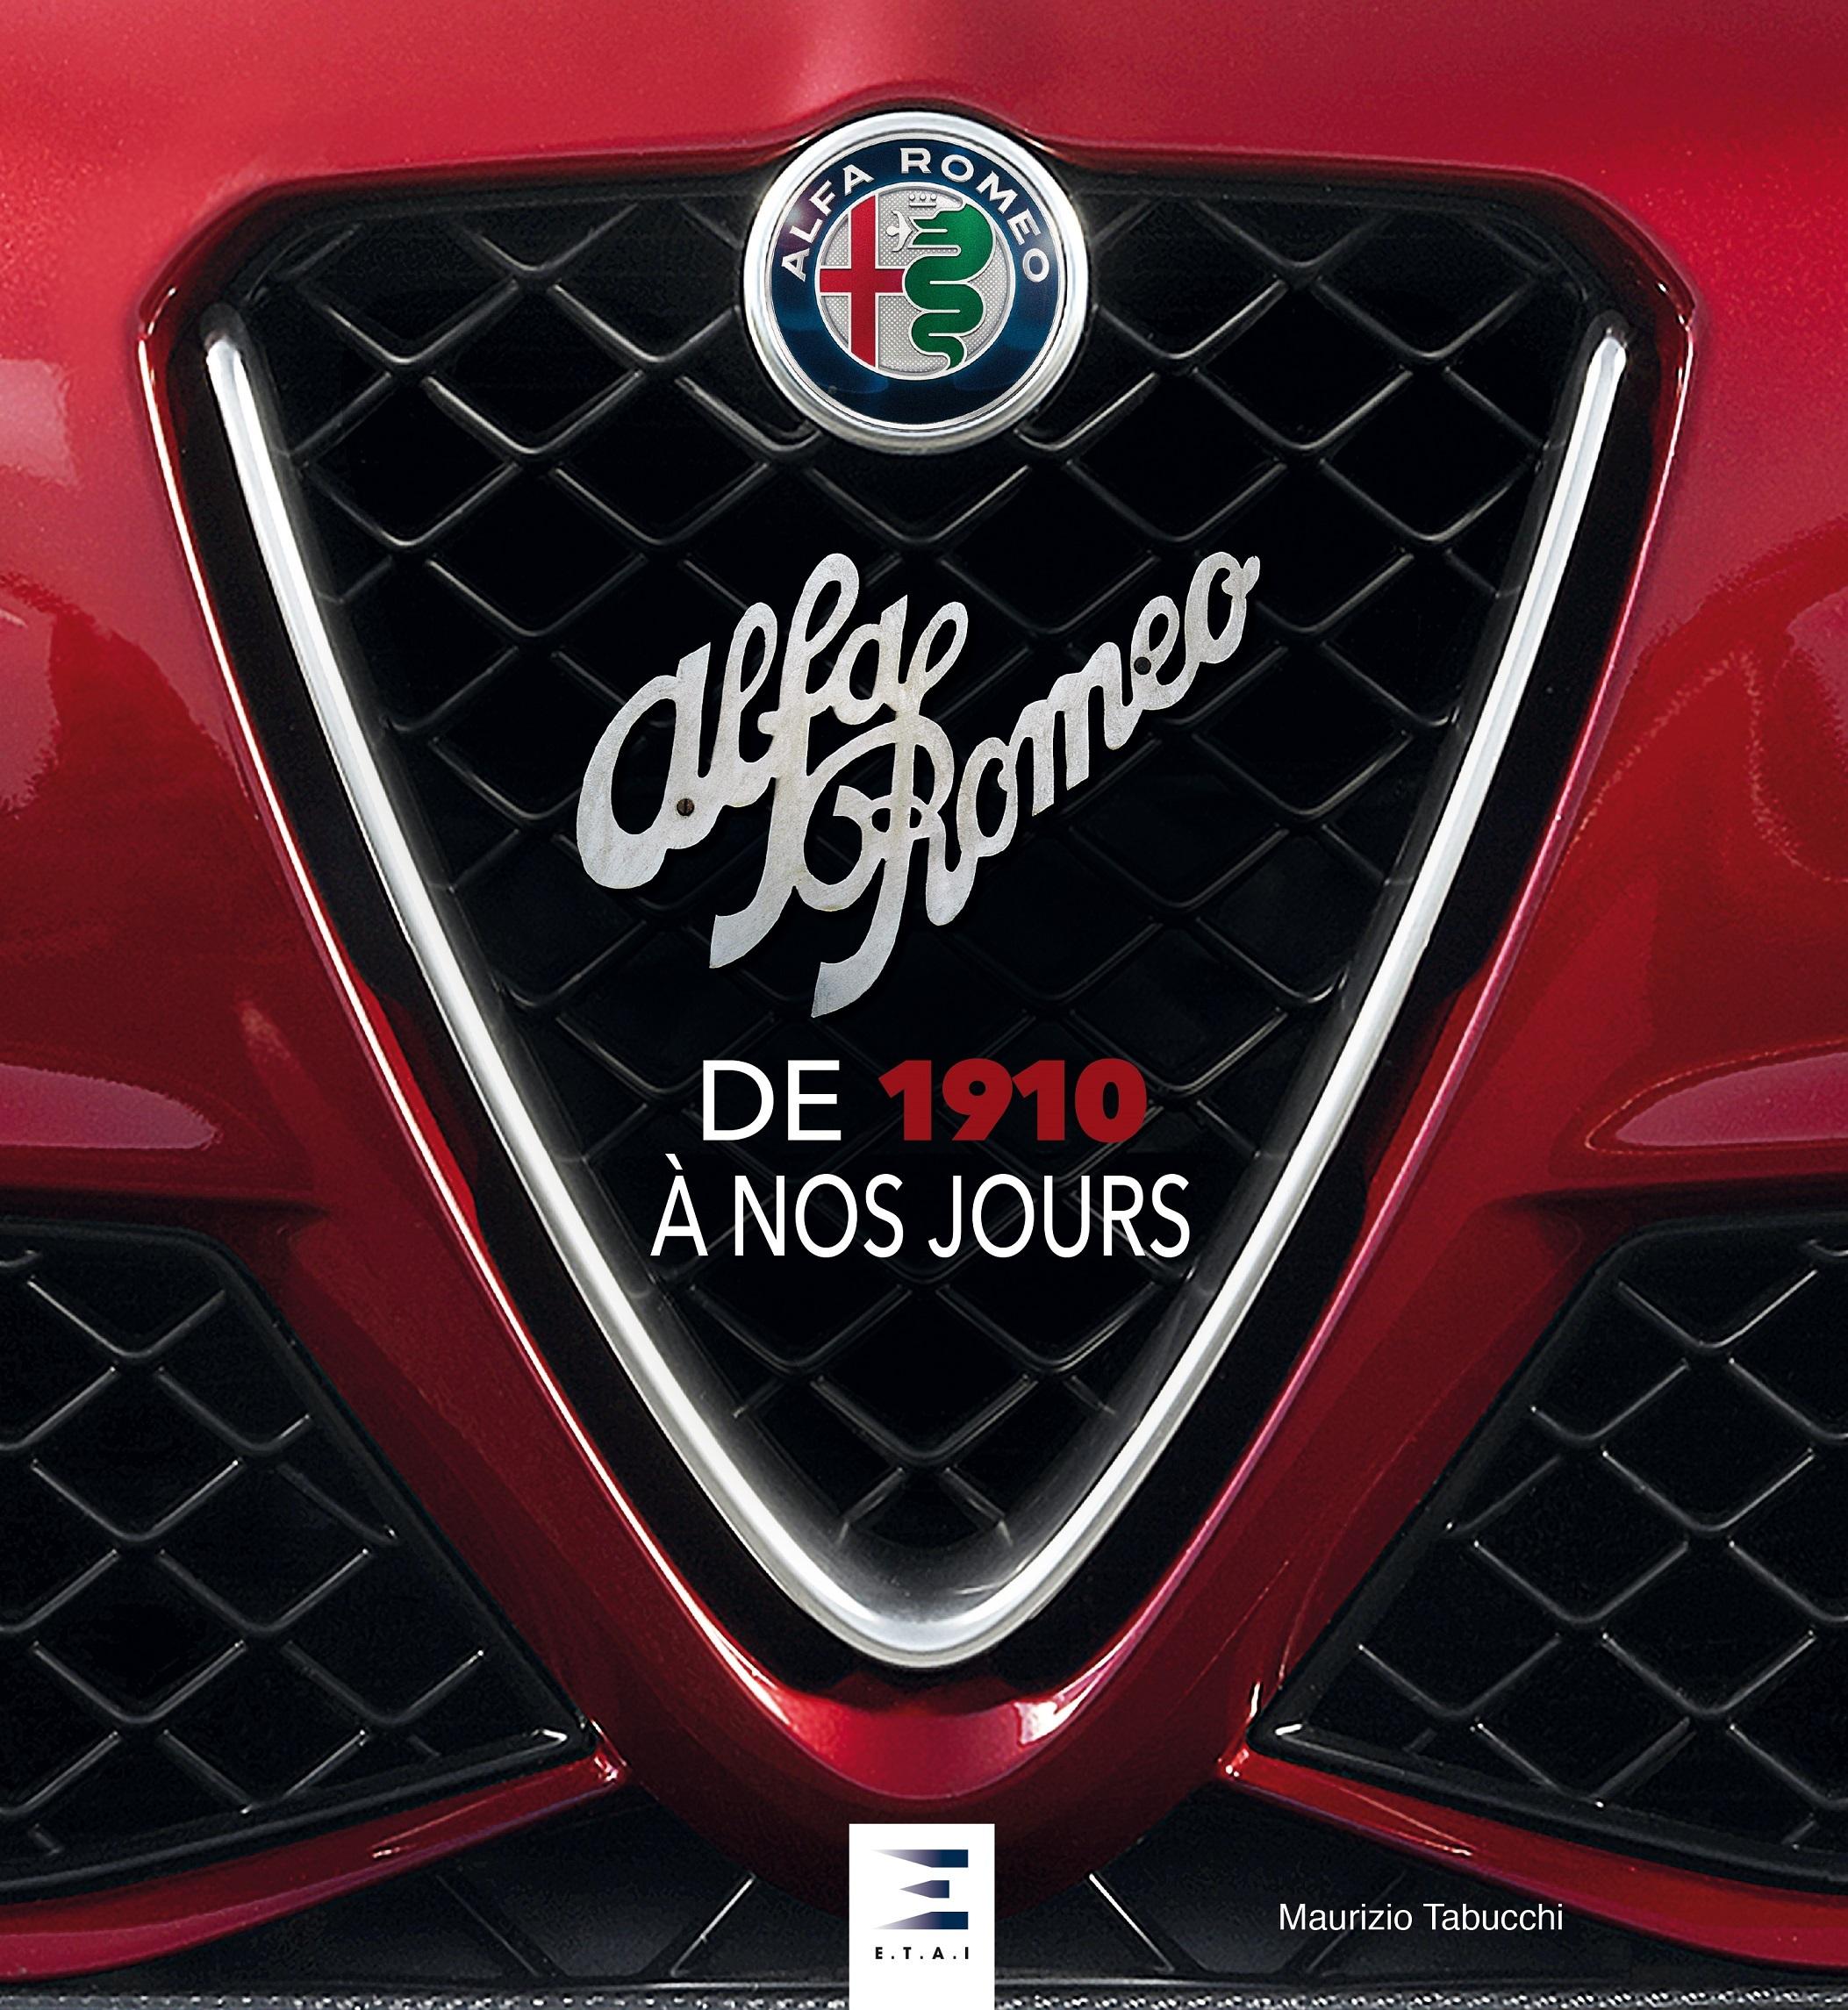 ALFA ROMEO DE 1910 A NOS JOURS